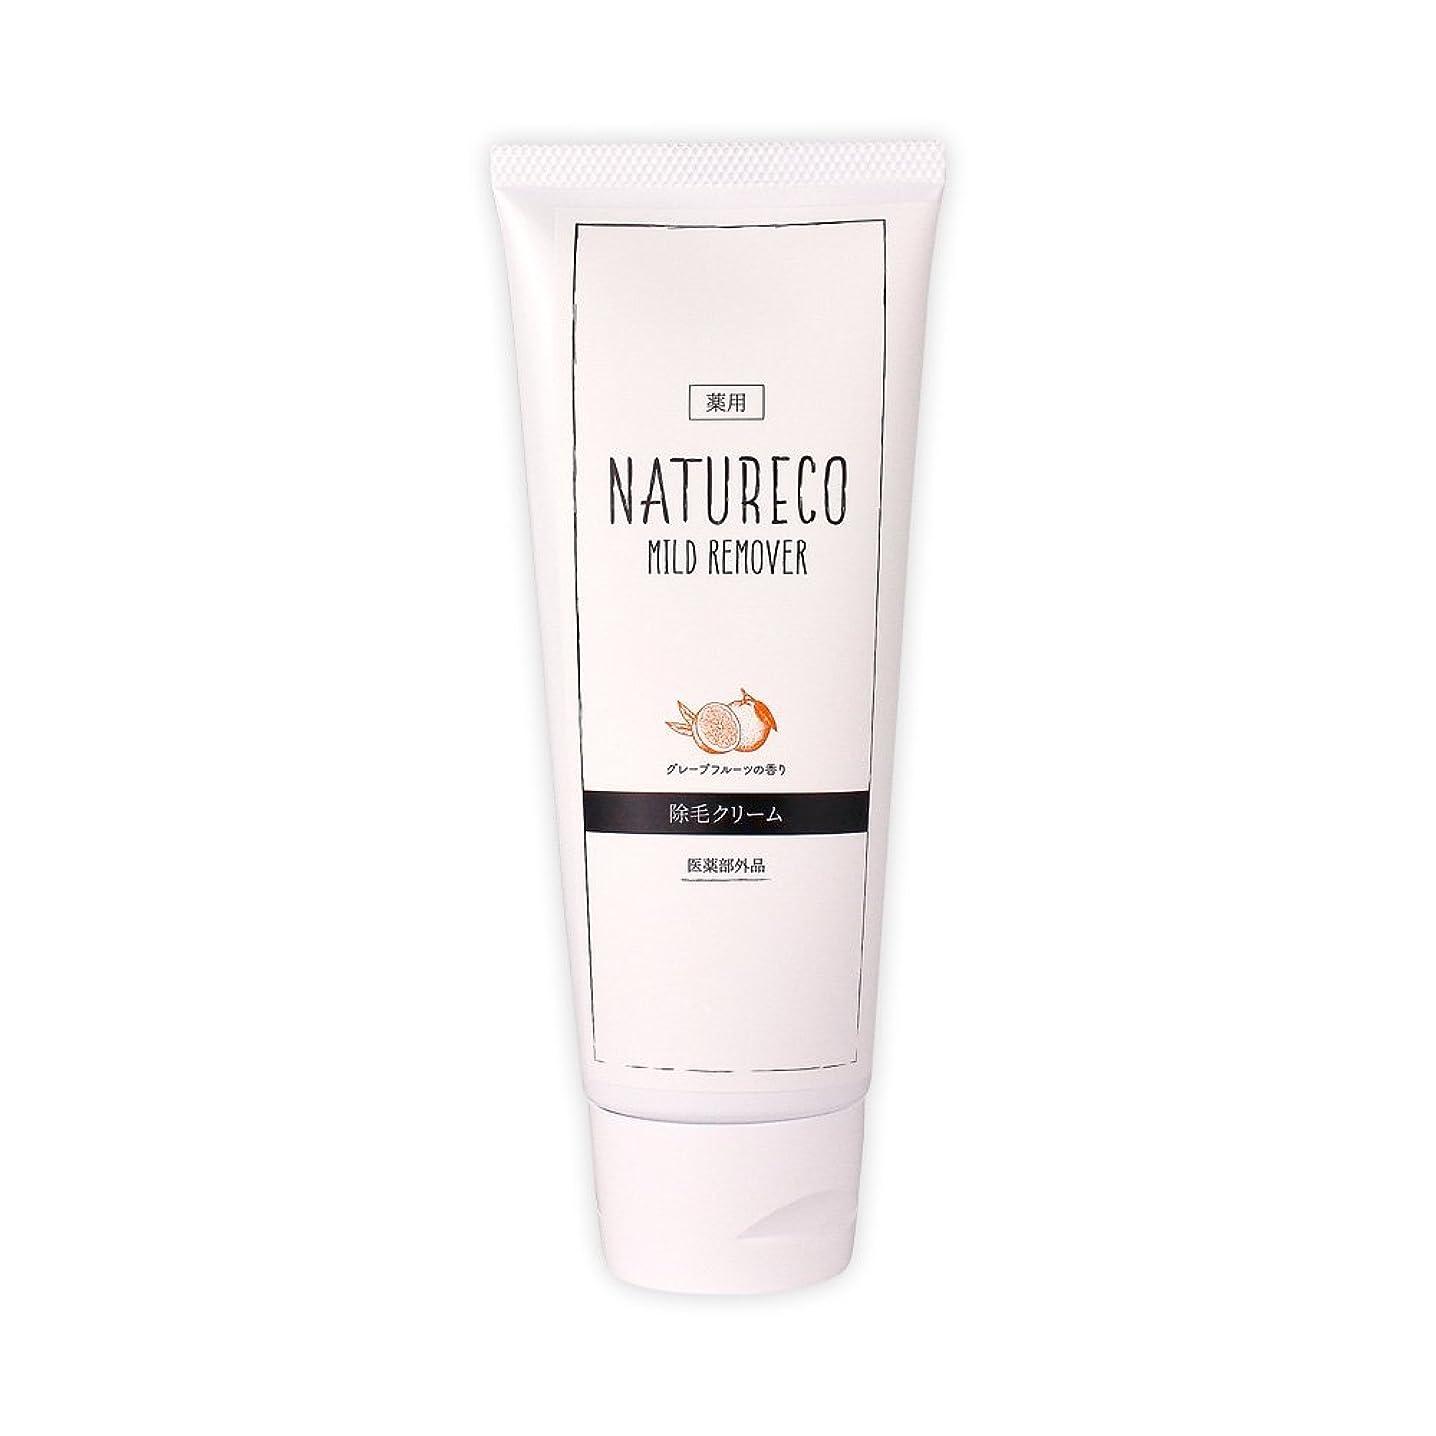 ポップ宿題をする放射性ナチュレコ 除毛クリーム 薬用 120g<さわやかな香り> 脱毛クリーム 肌に優しい除毛クリーム 肌荒れしにくい成分配合 薬用マイルドリムーバー NATURECO